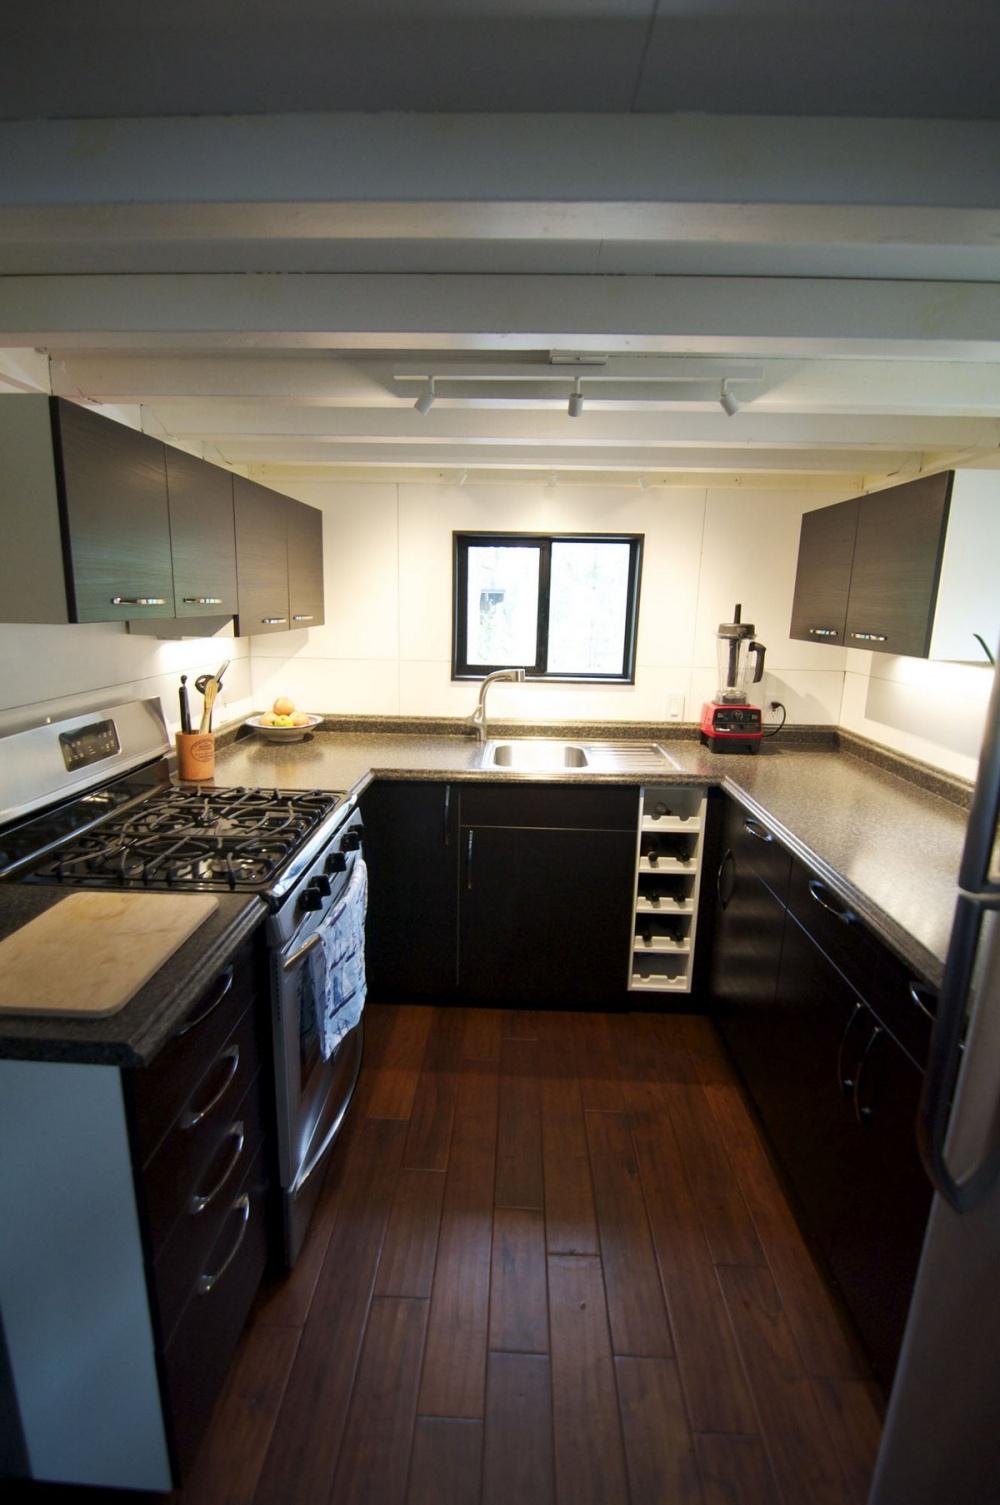 Газовая плита, раковина, холодильник ипрочие современные устройства.